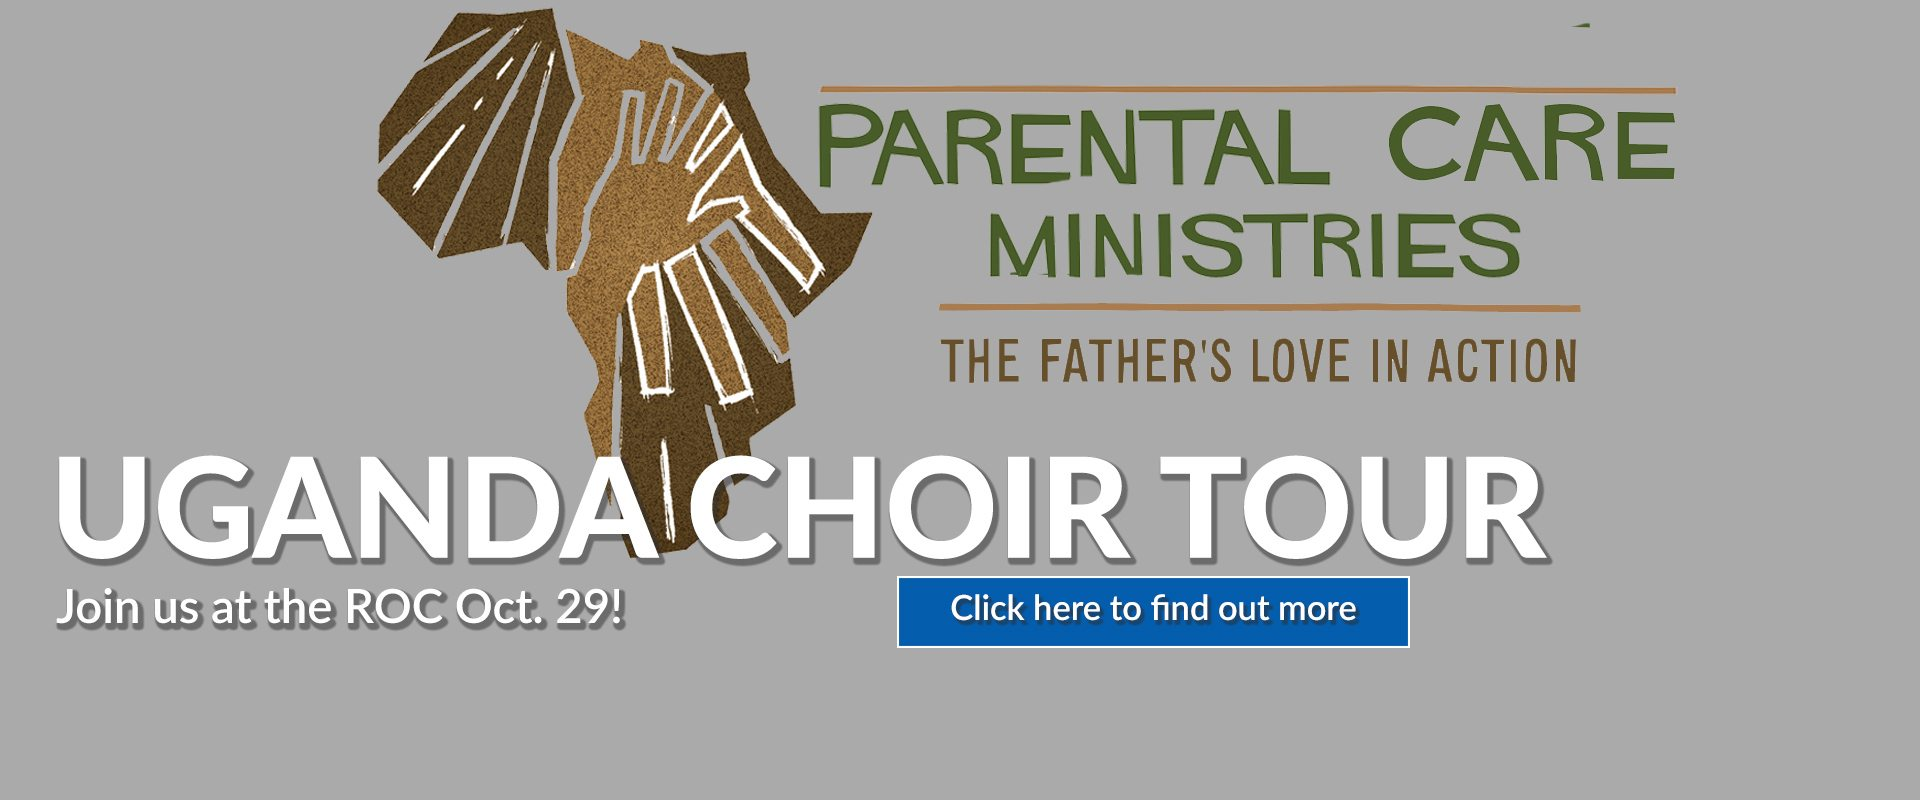 Parental Care Ministries Uganda Choir Tour